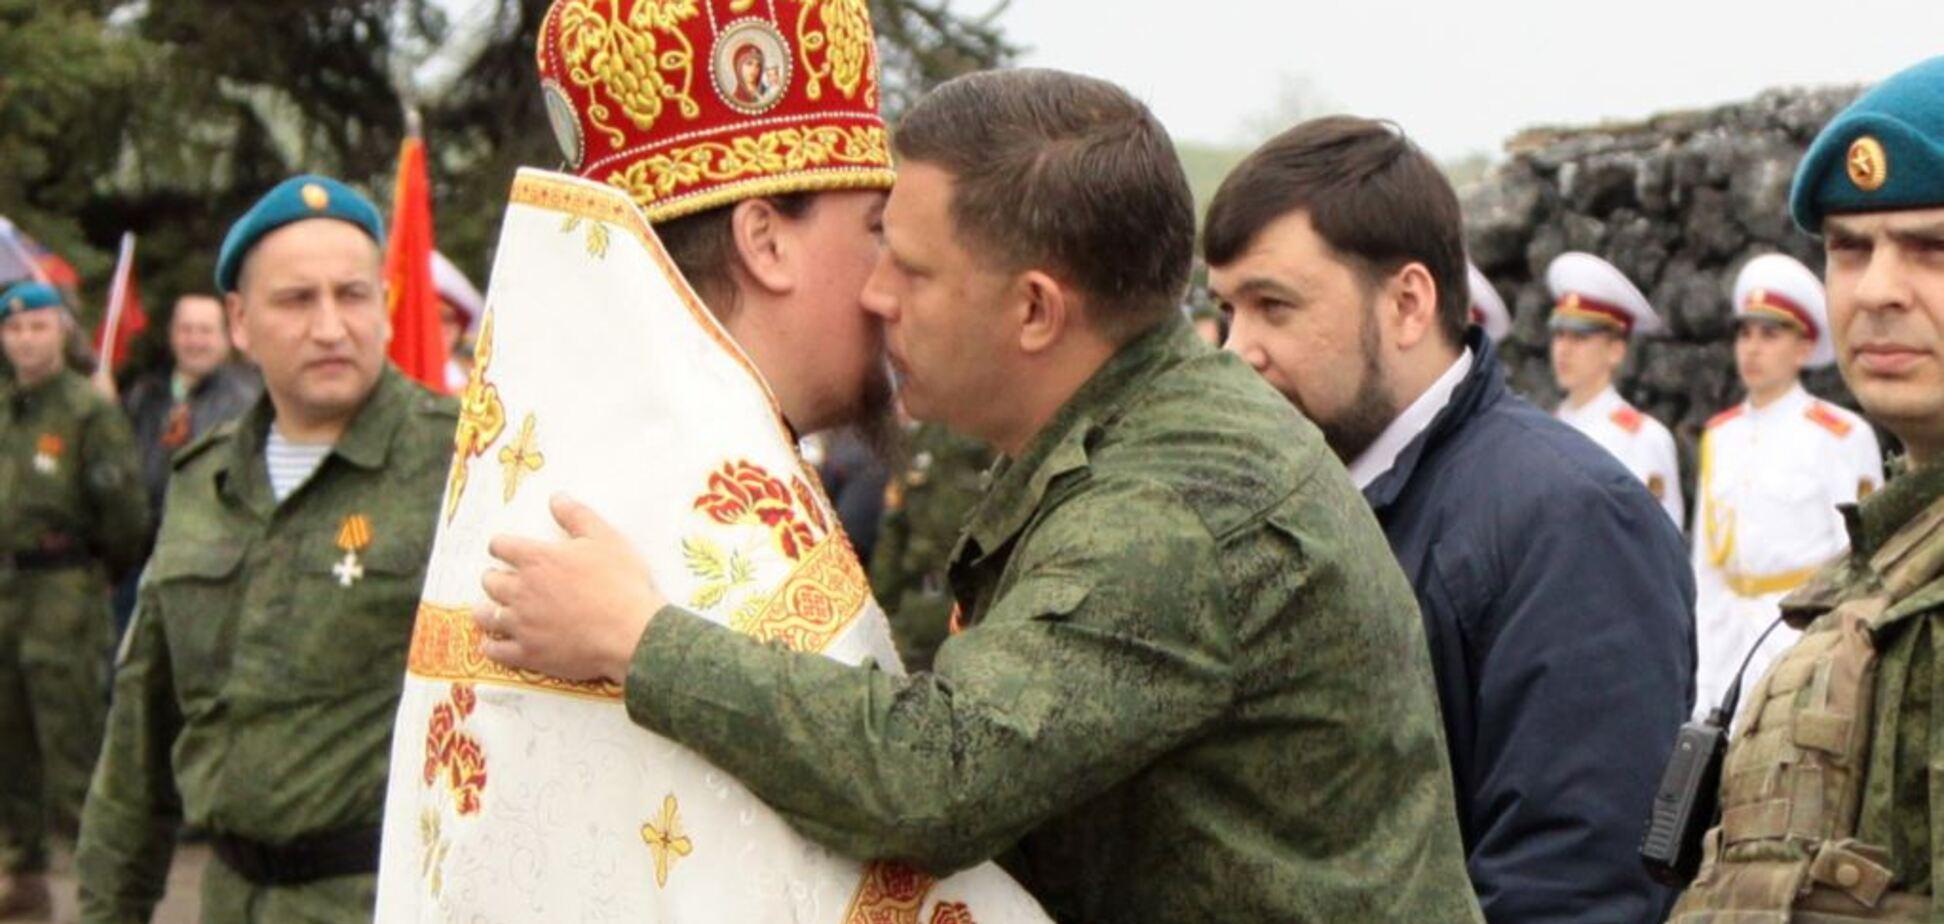 'Кадыровцы в храме': появился новый факт помощи УПЦ МП террористам на Донбассе